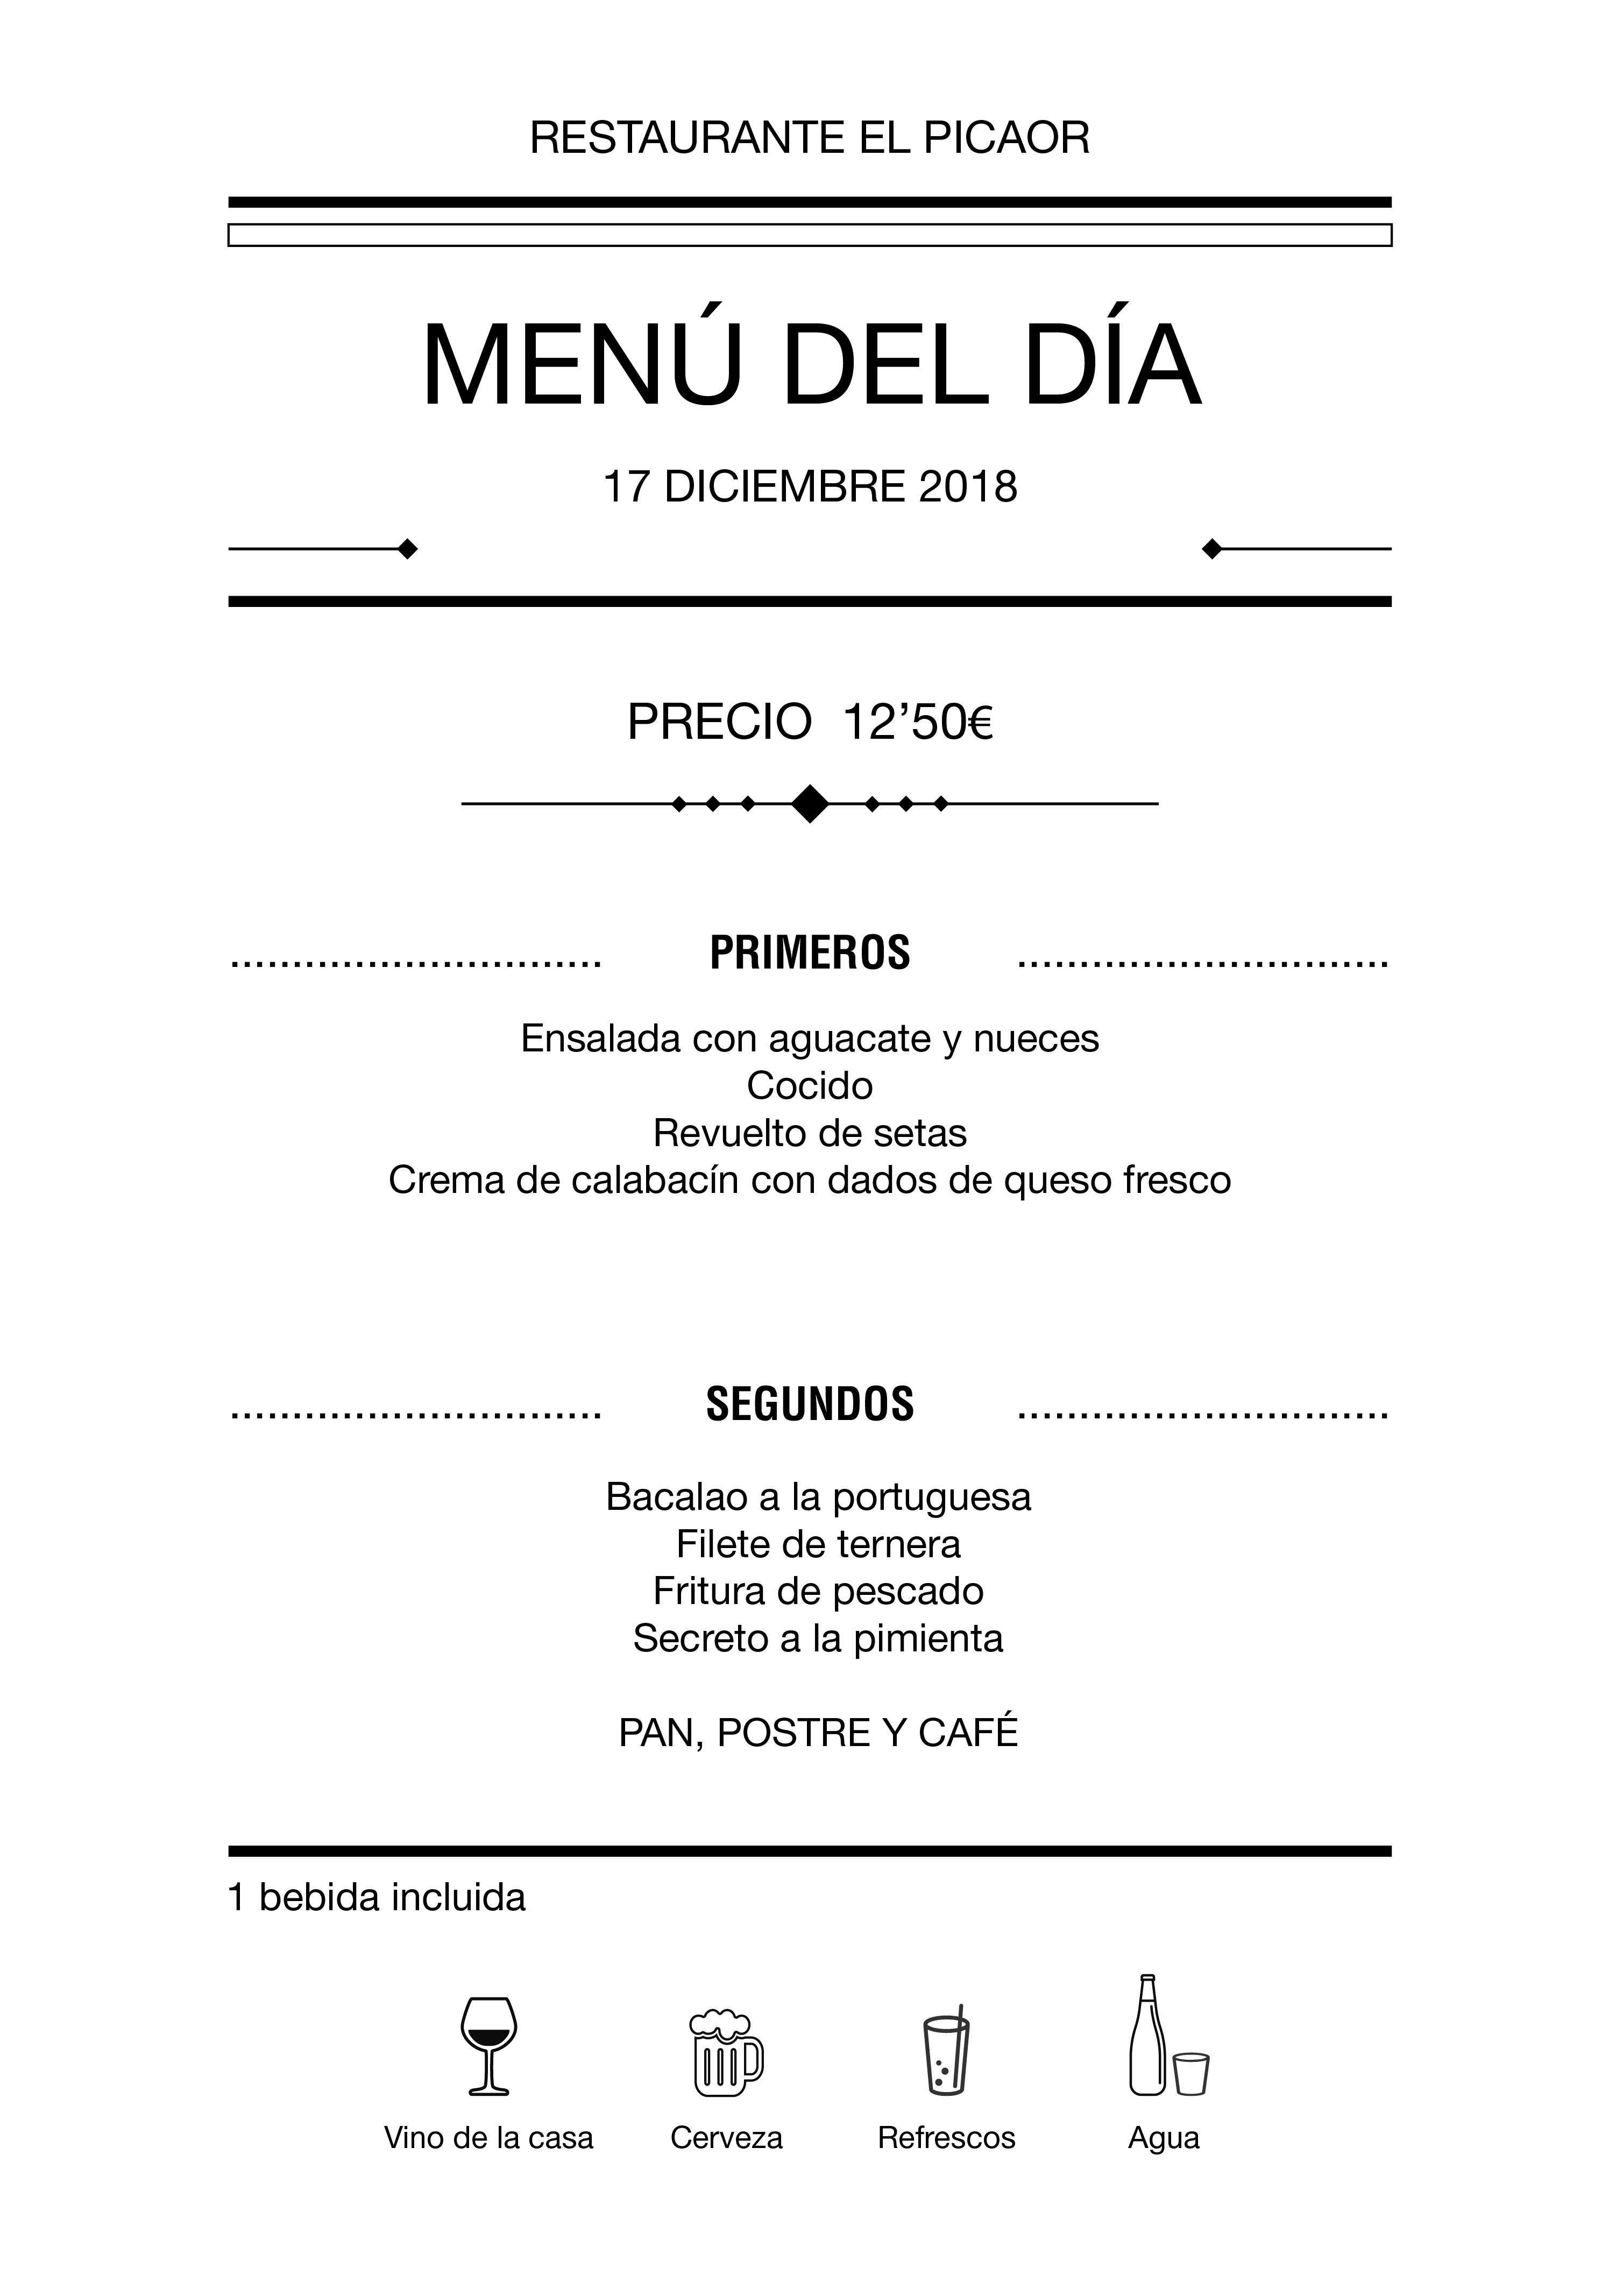 Menú diario El Picaor 17/12/18